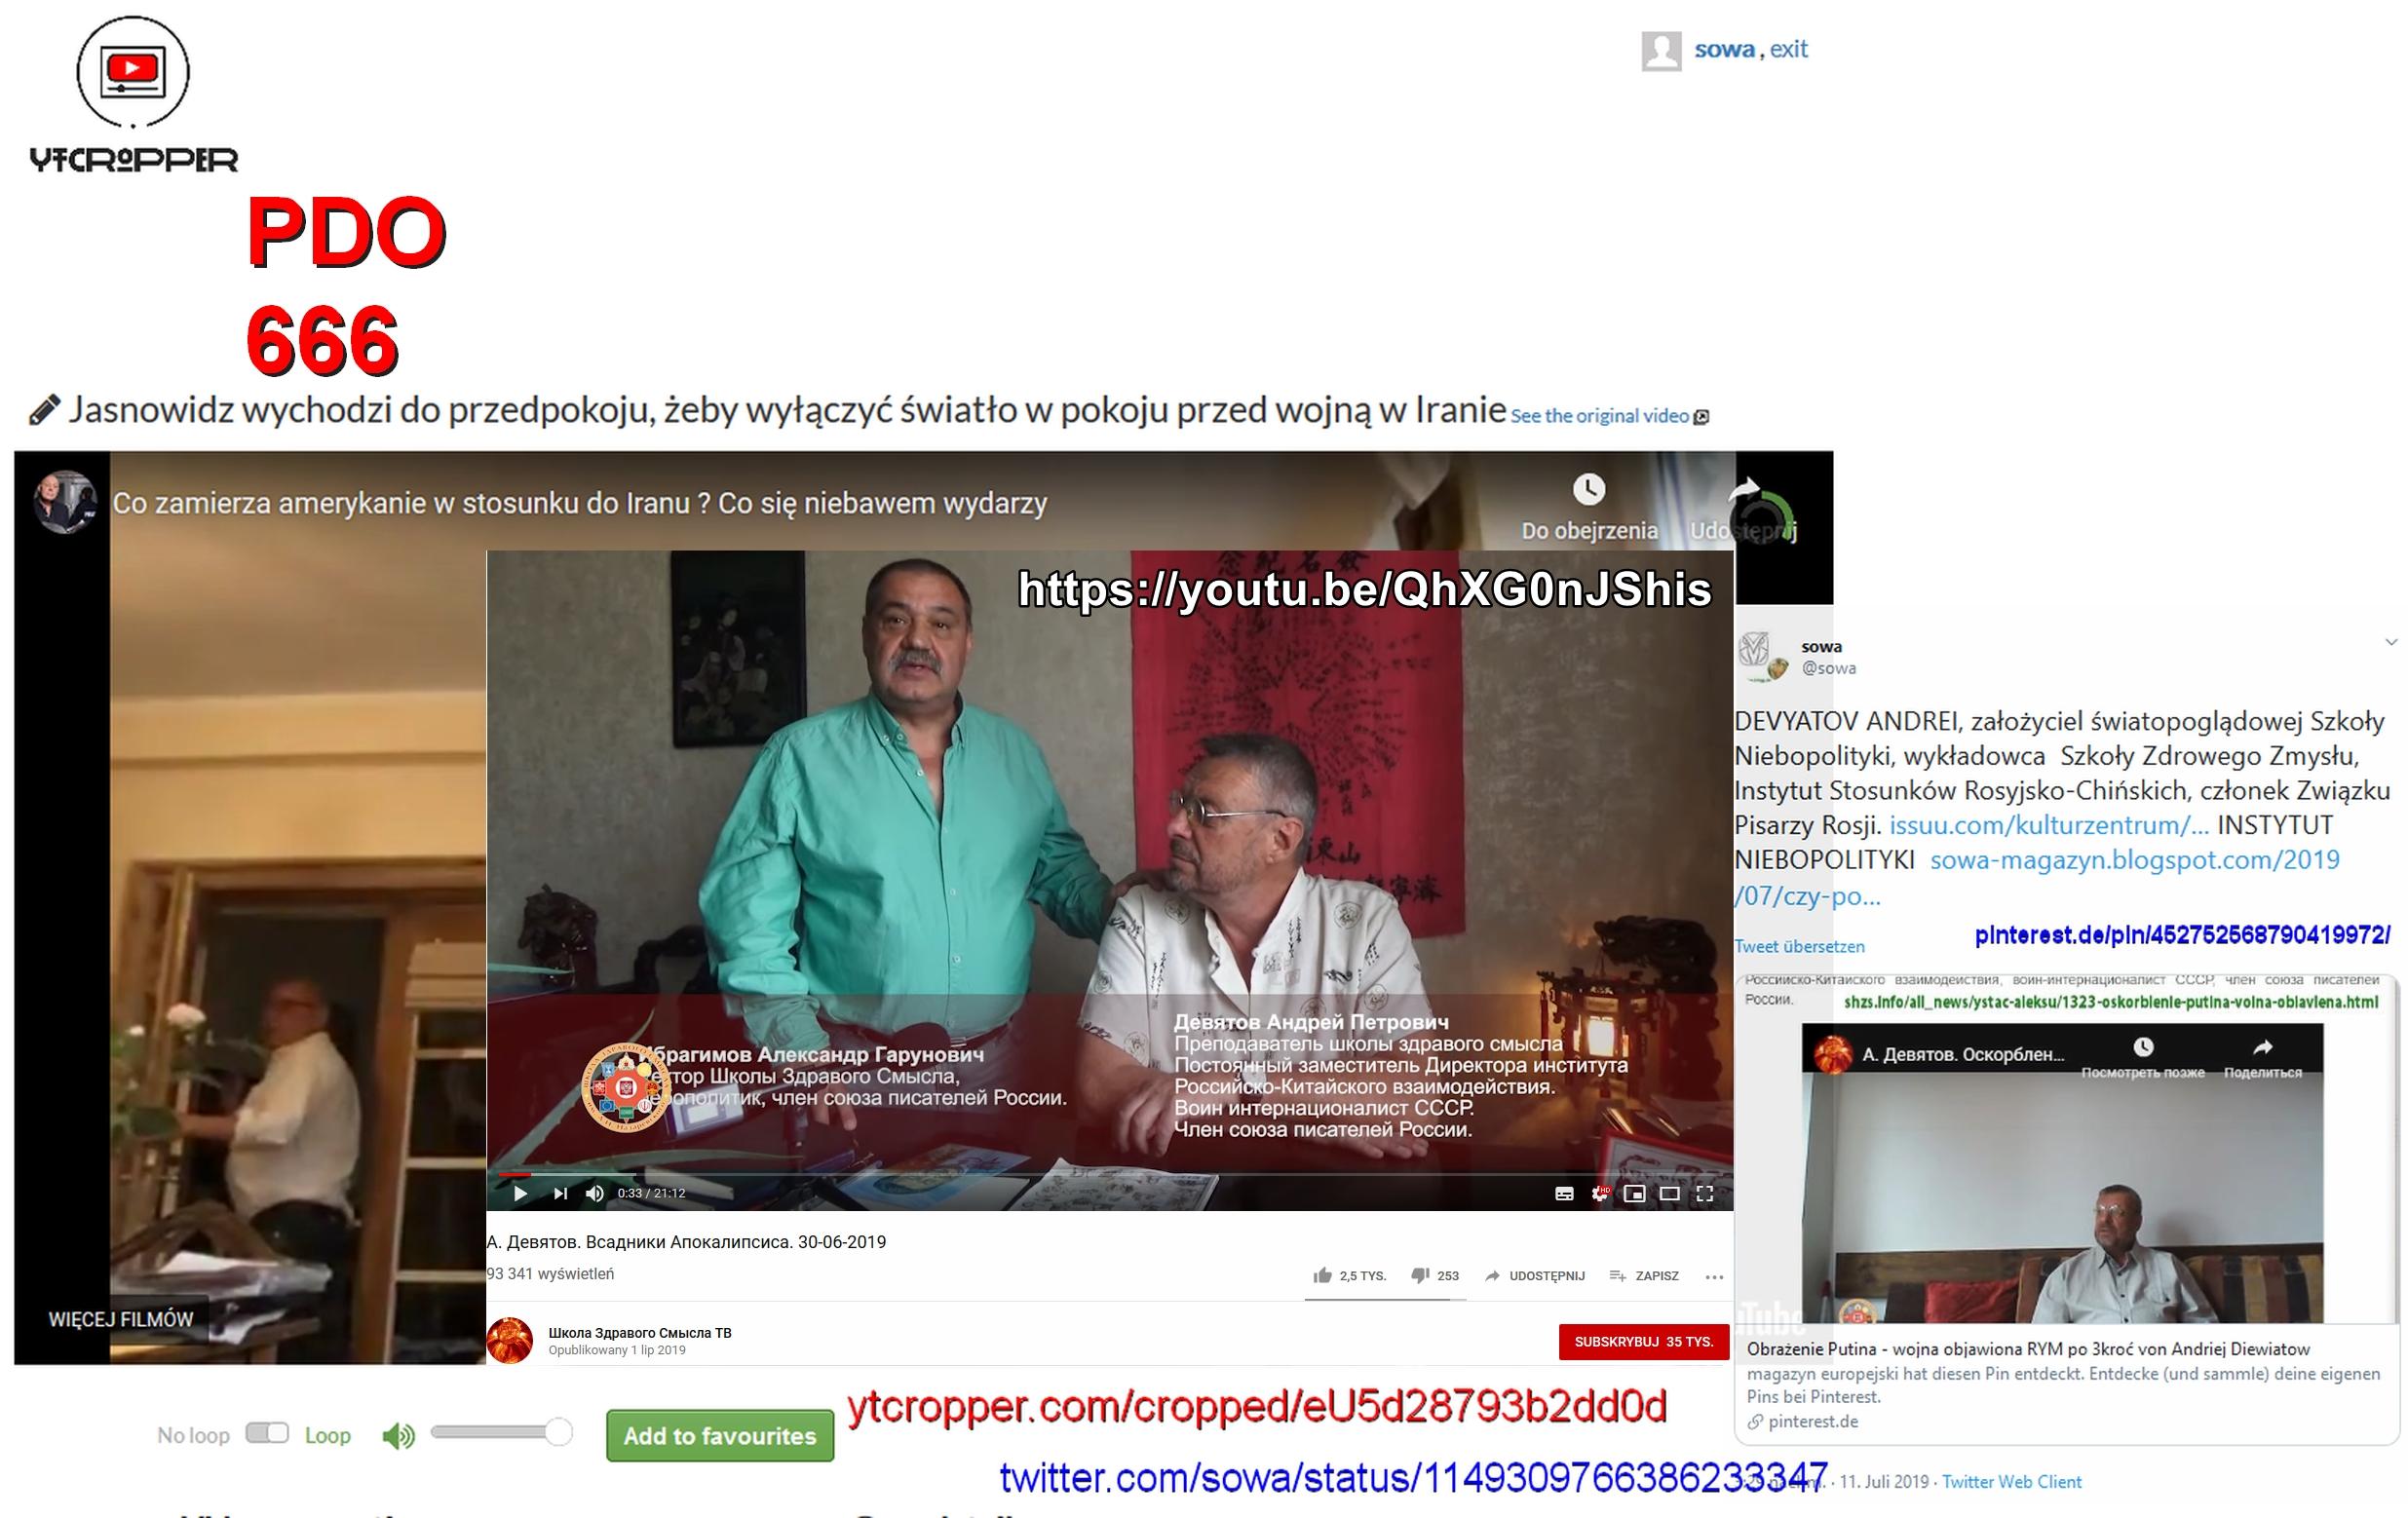 PDO666 Screenshot_2019-07-12 ytCropper Co zamierza amerykanie w stosunku do Iranu Co się niebawem wydarzy